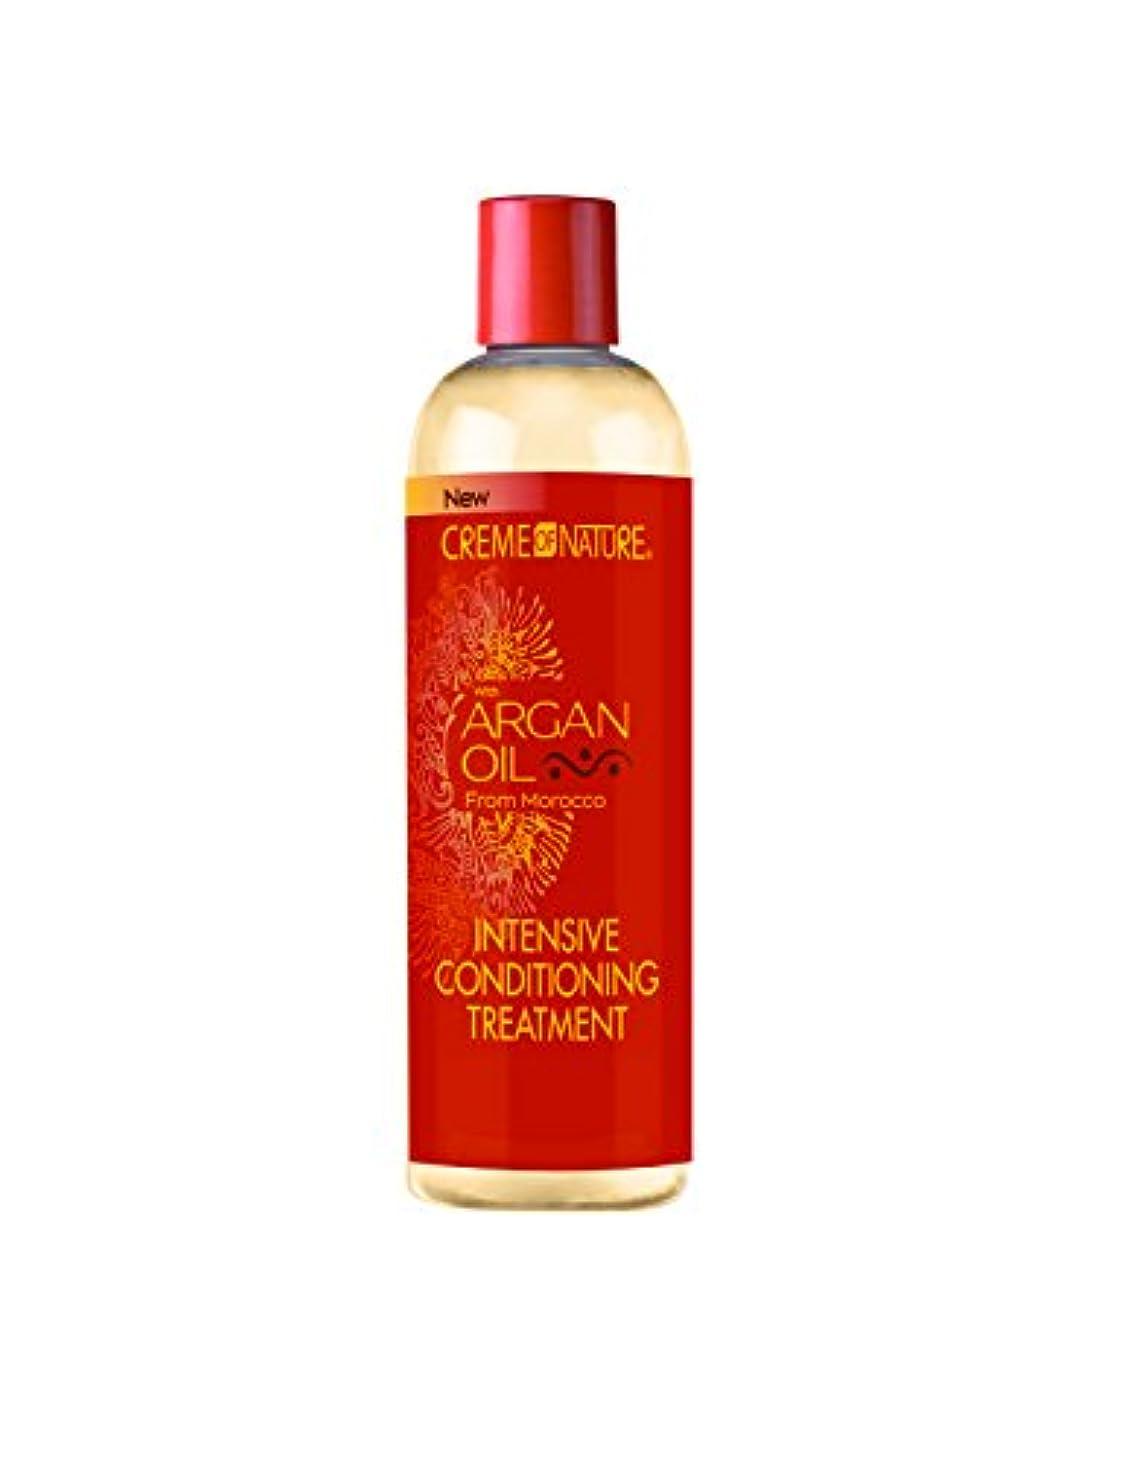 定刻ライナーマトリックスCreme of Nature Argan Oil Condition Intense Treatment 355 ml (並行輸入品)